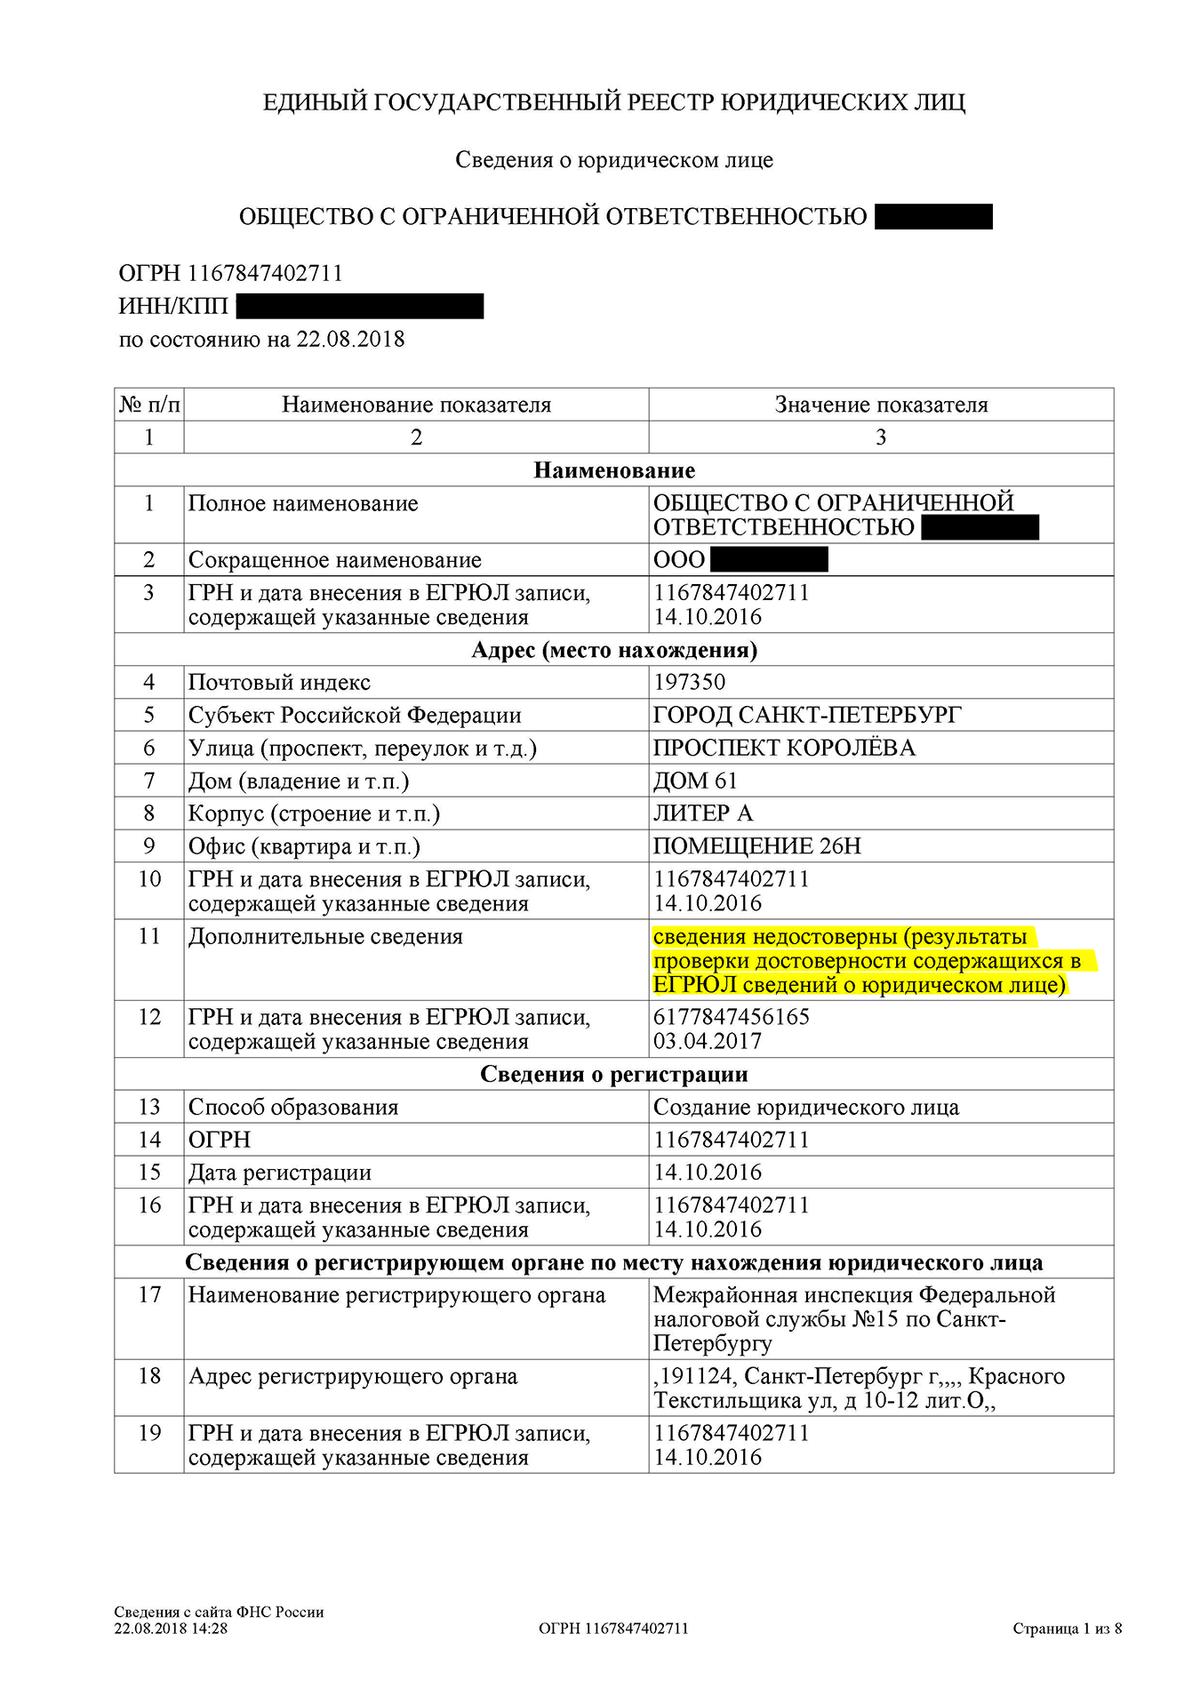 А так выглядит отметка о недостоверности адреса. По мнению налоговой, организация не находится по этому адресу